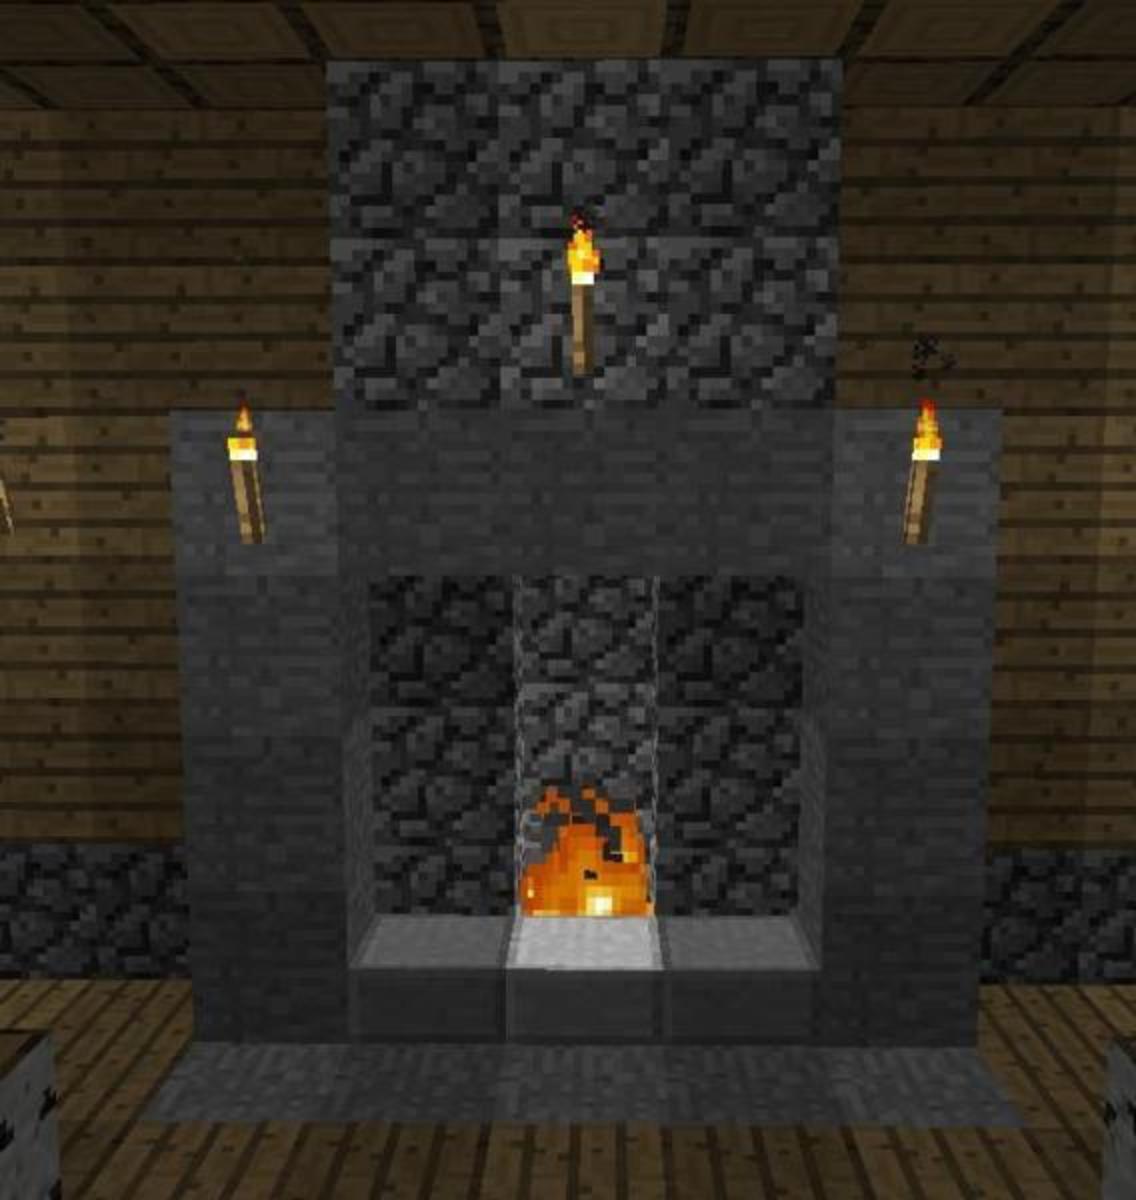 Alternate fireplace design.